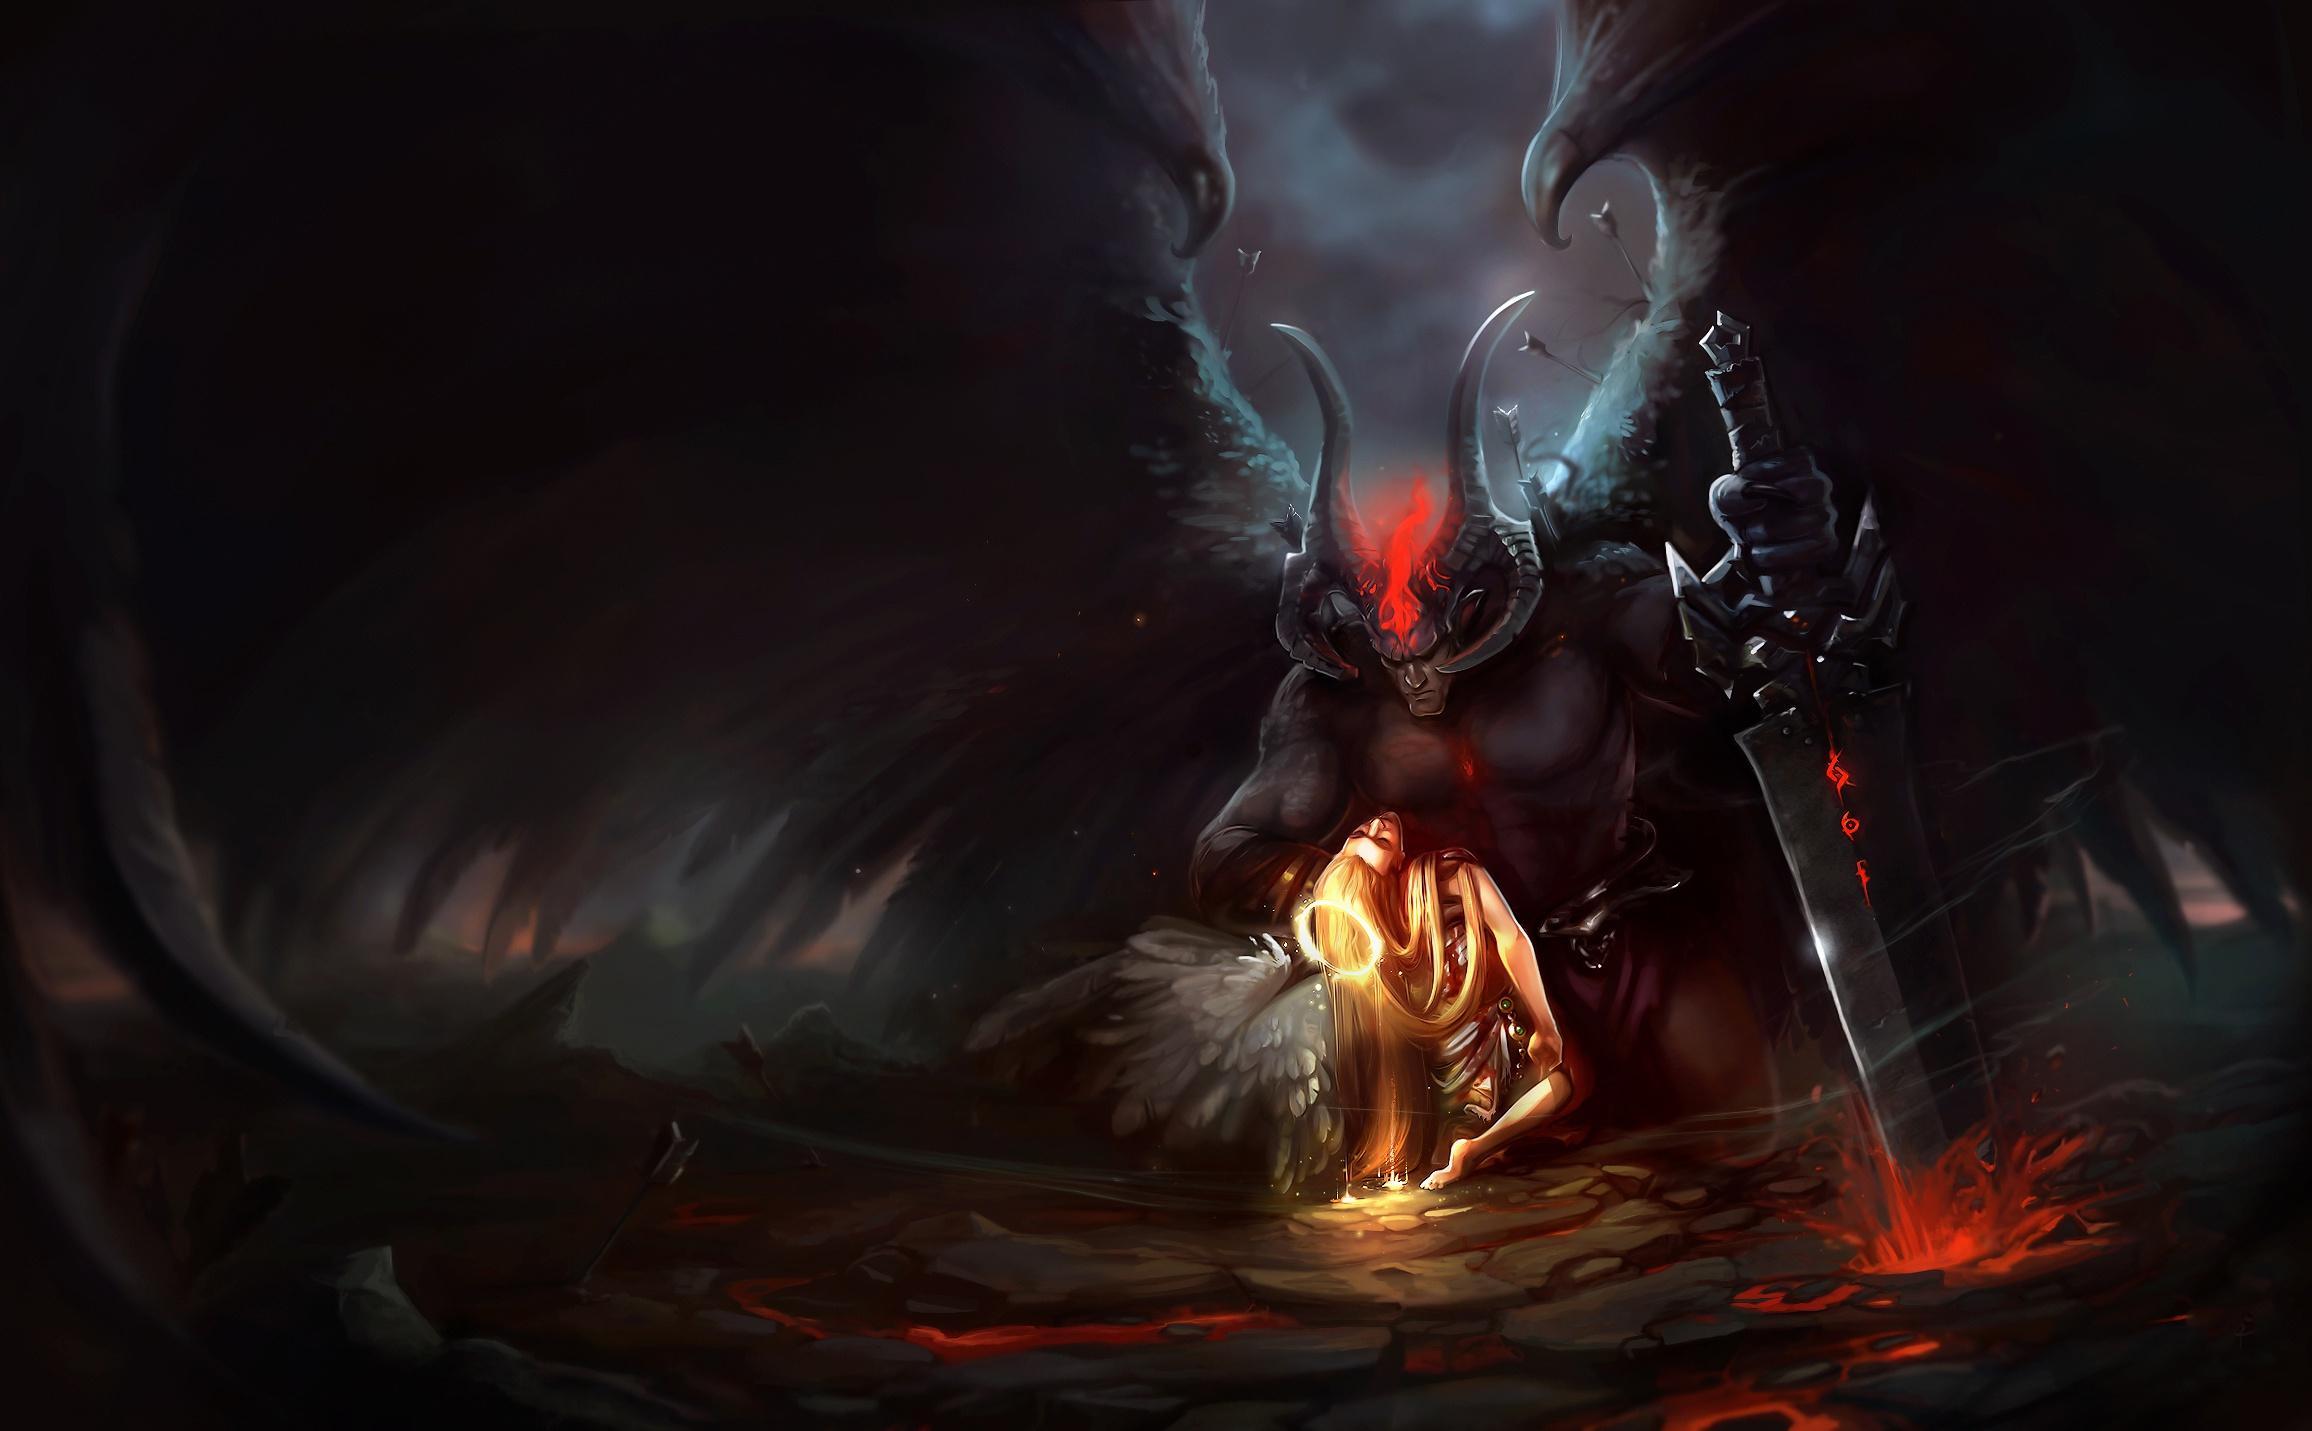 Angel Demon Horns Sword 2312x1431